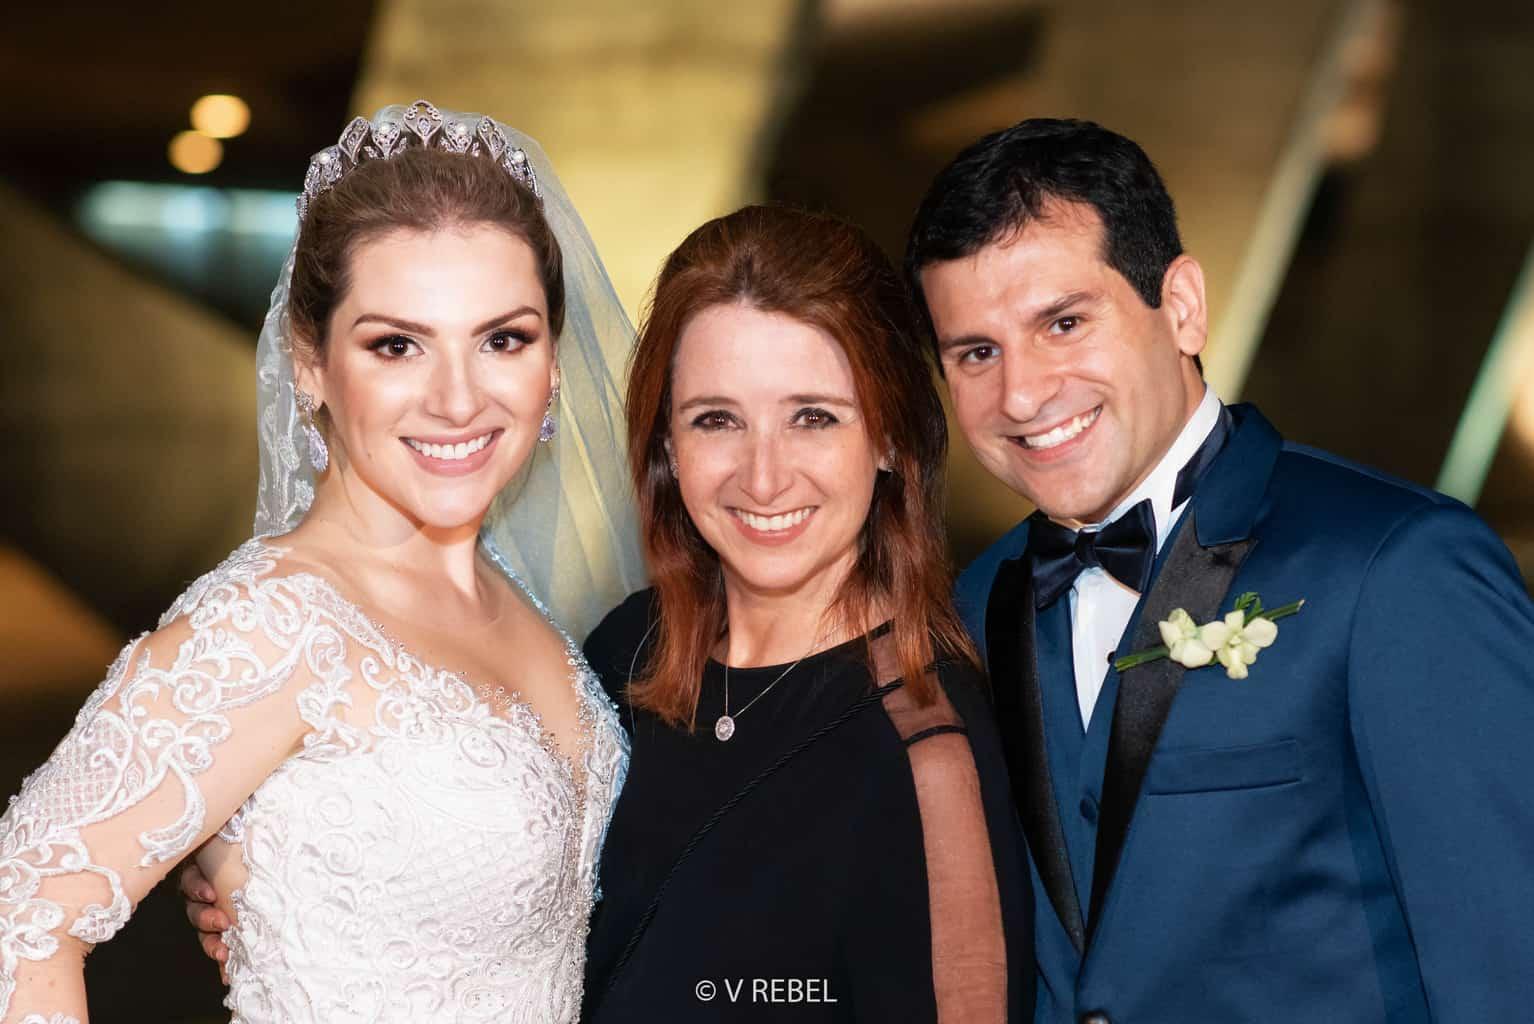 casamento-Caroline-e-Breno-casamento-clássico-fotografia-VRebel84